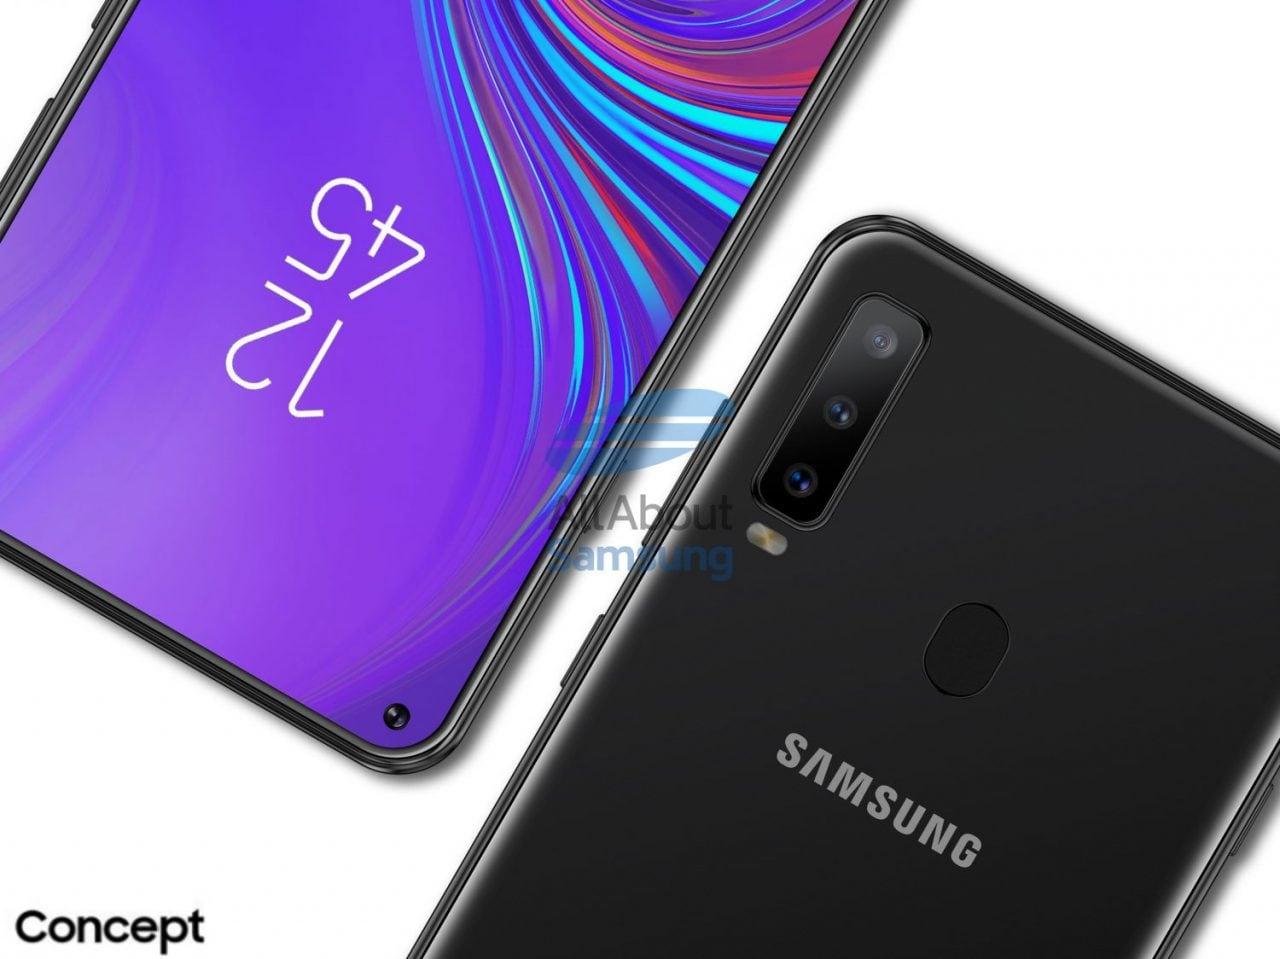 Il buco nel display di Galaxy A8s è confermato da questo screenshot senza alcun foro